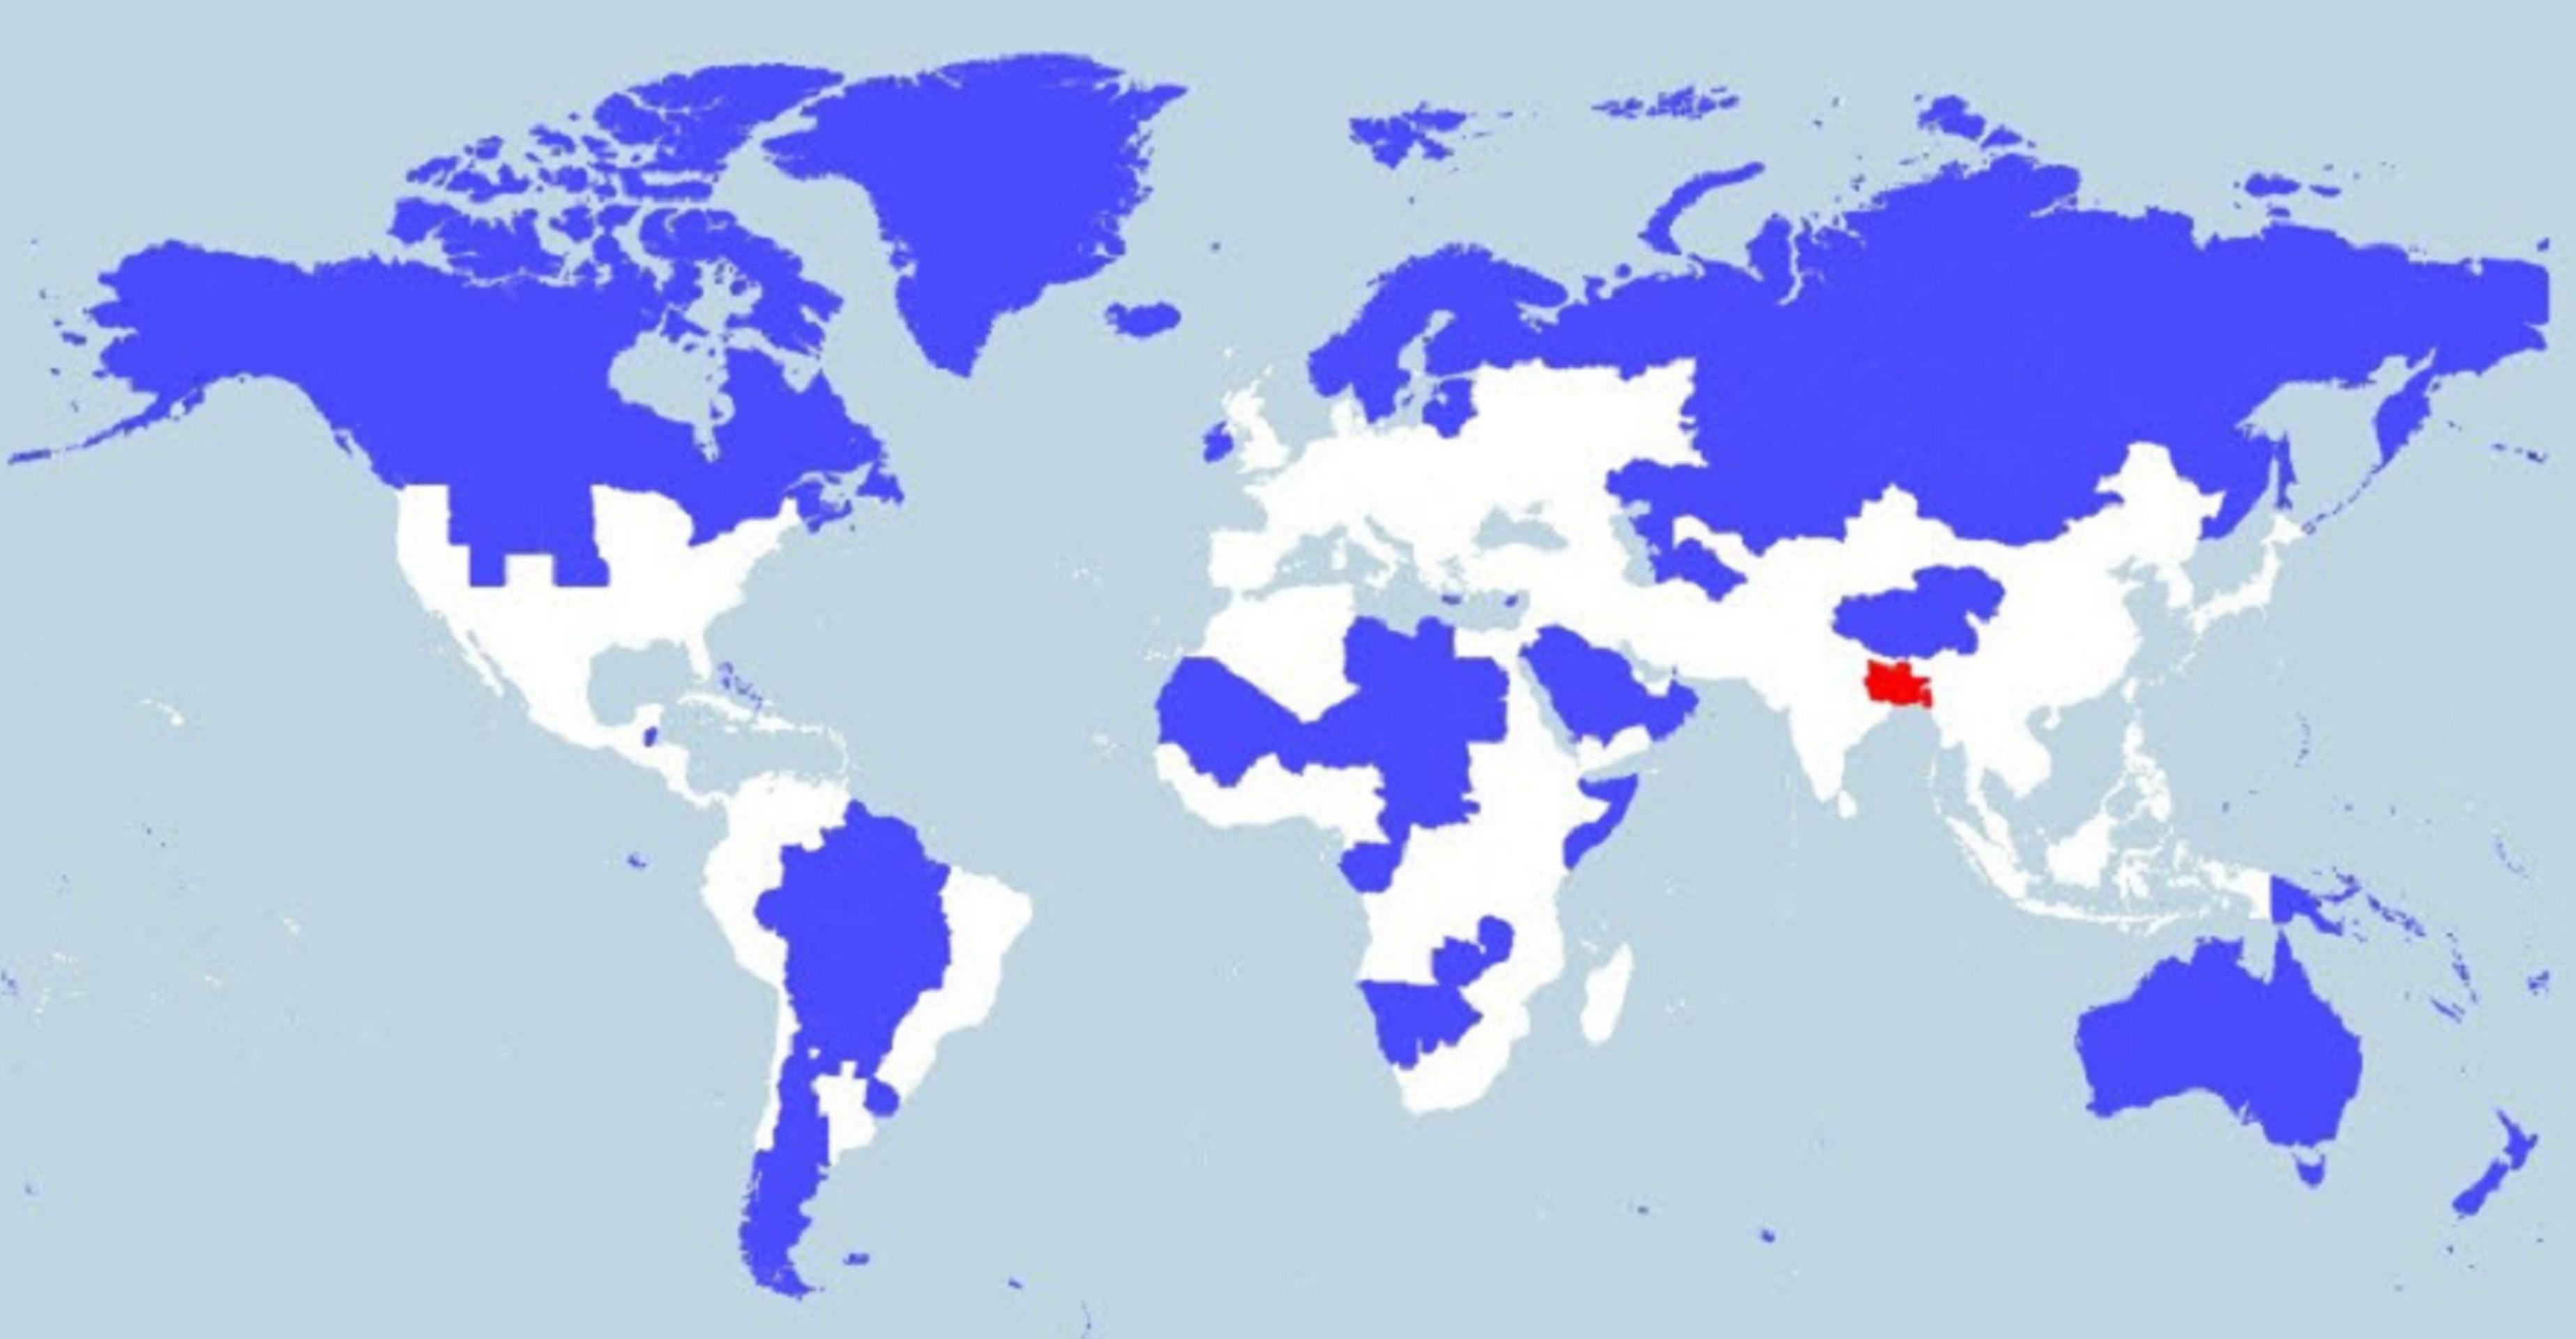 Население мира: где живет больше всего людей?